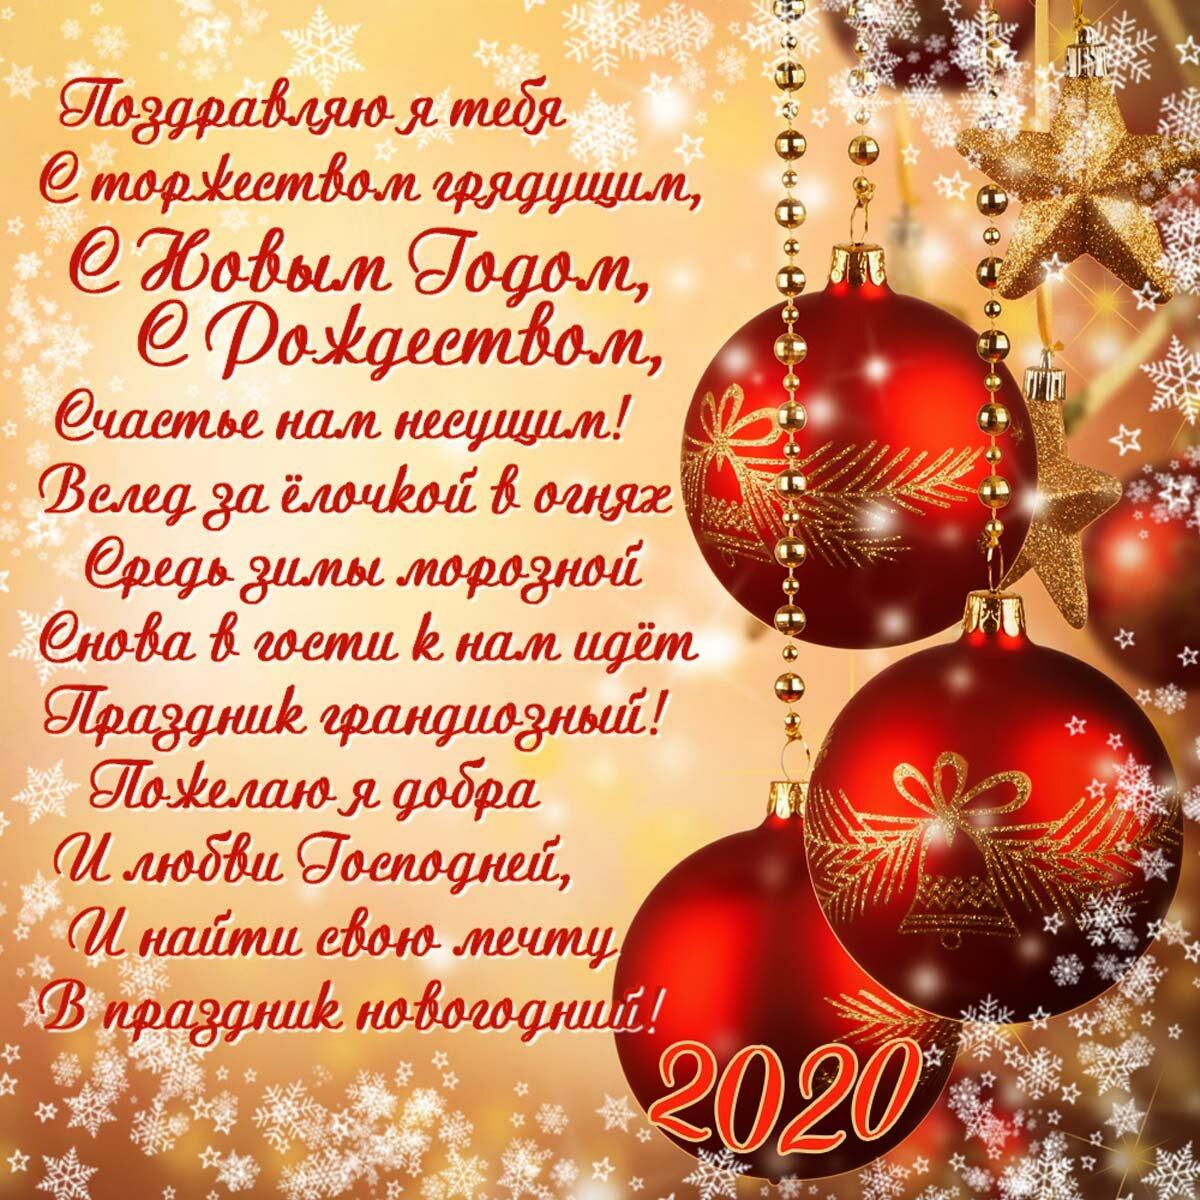 Поздравление парню с новым годом в прозе трогательные